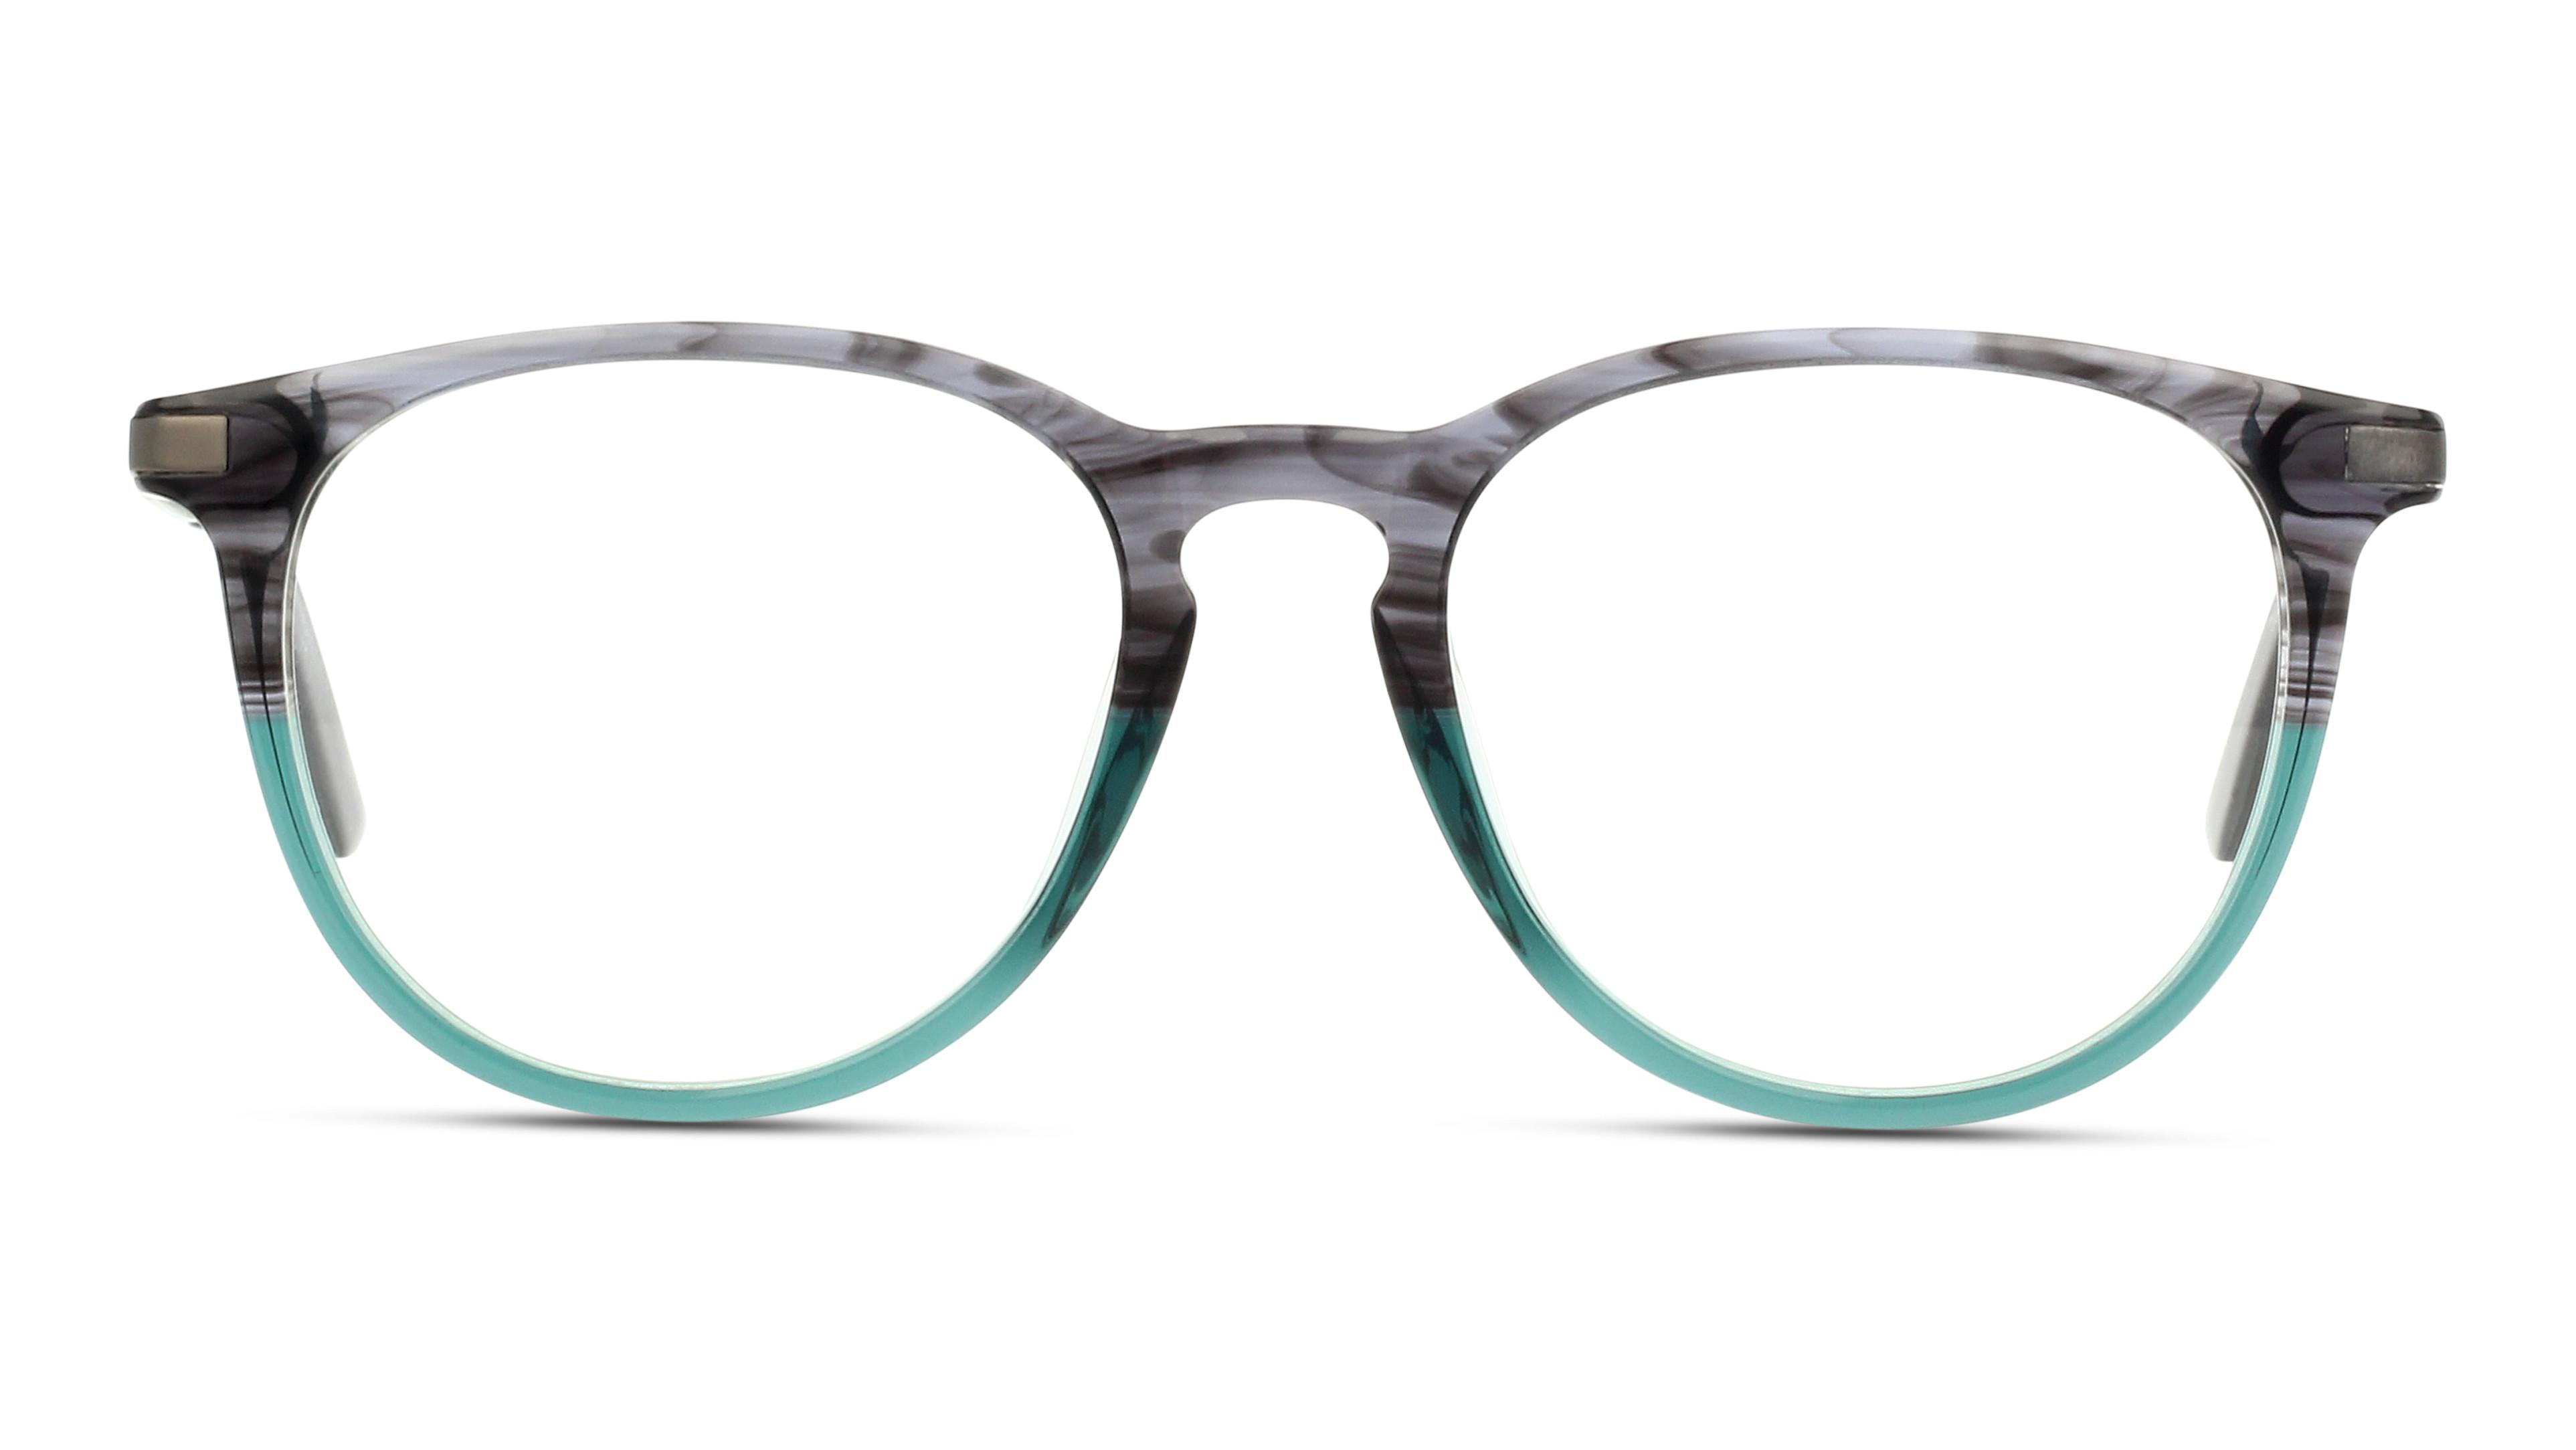 8719154575143-front-01-5th-avenue-fakm09-eyewear-grey-green